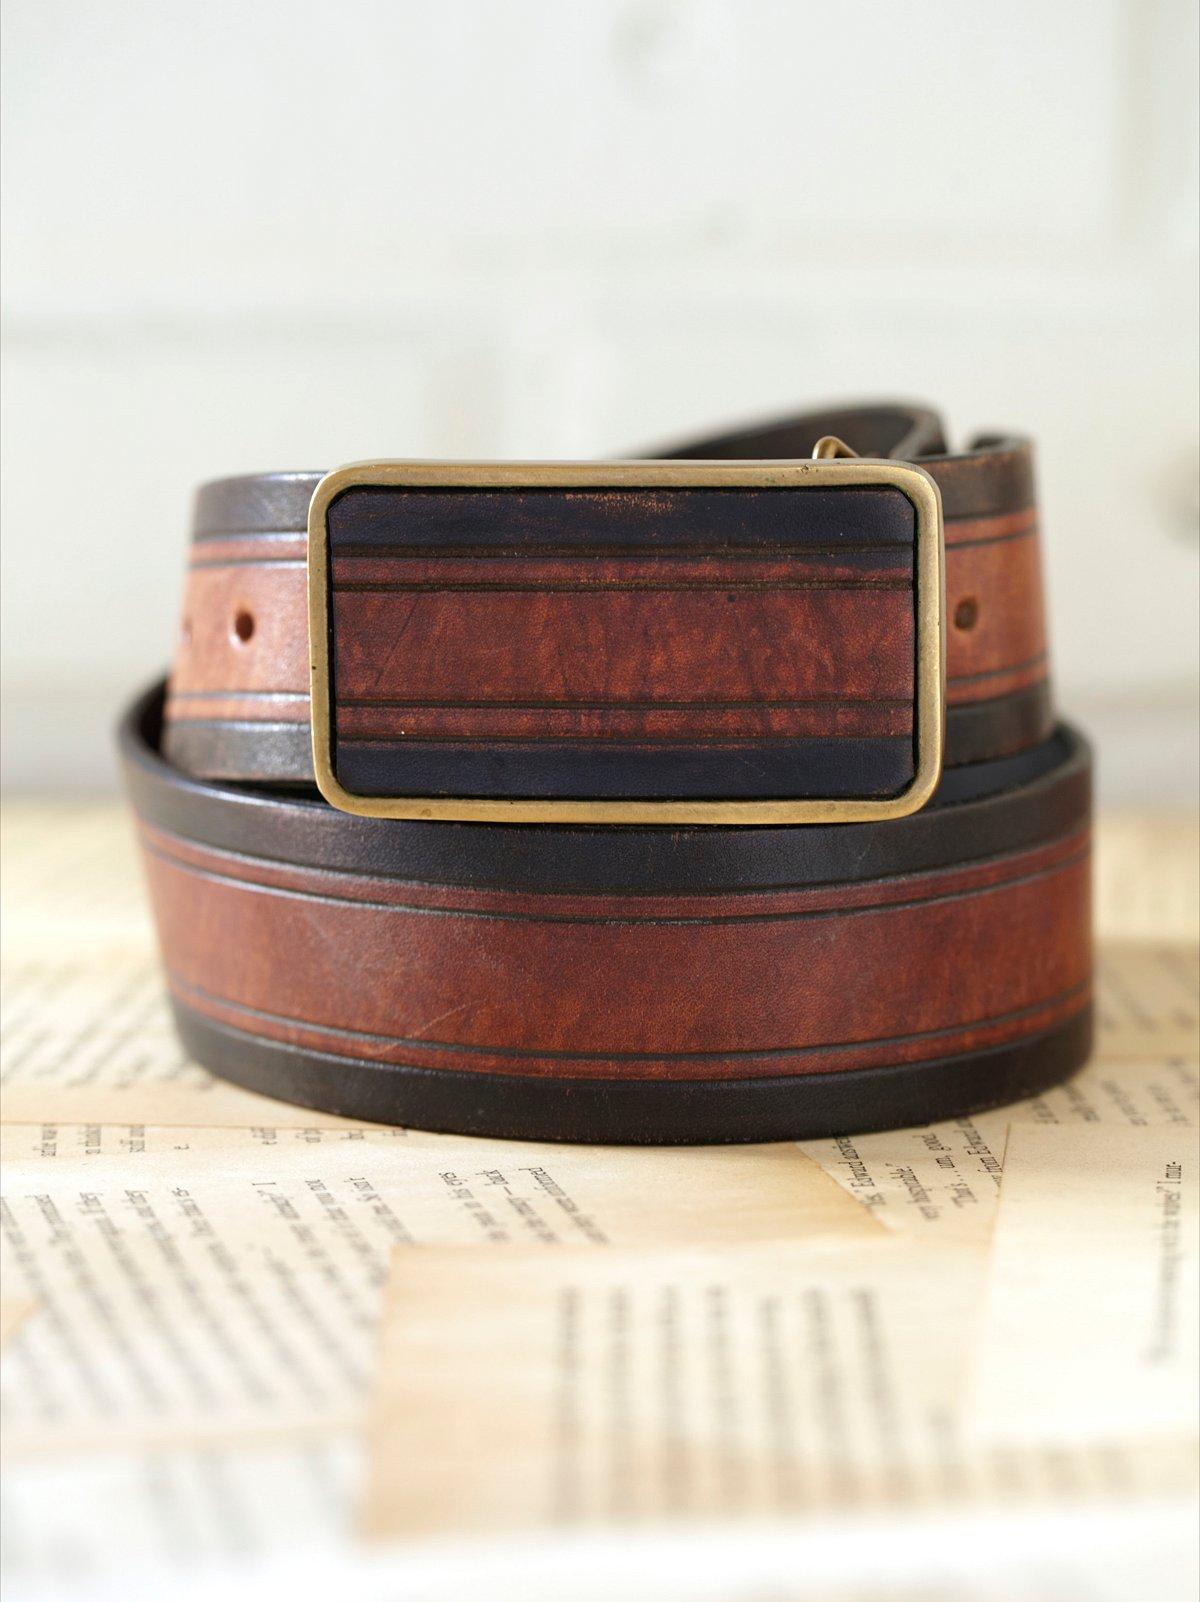 Vintage 1970s Burrough's Belt